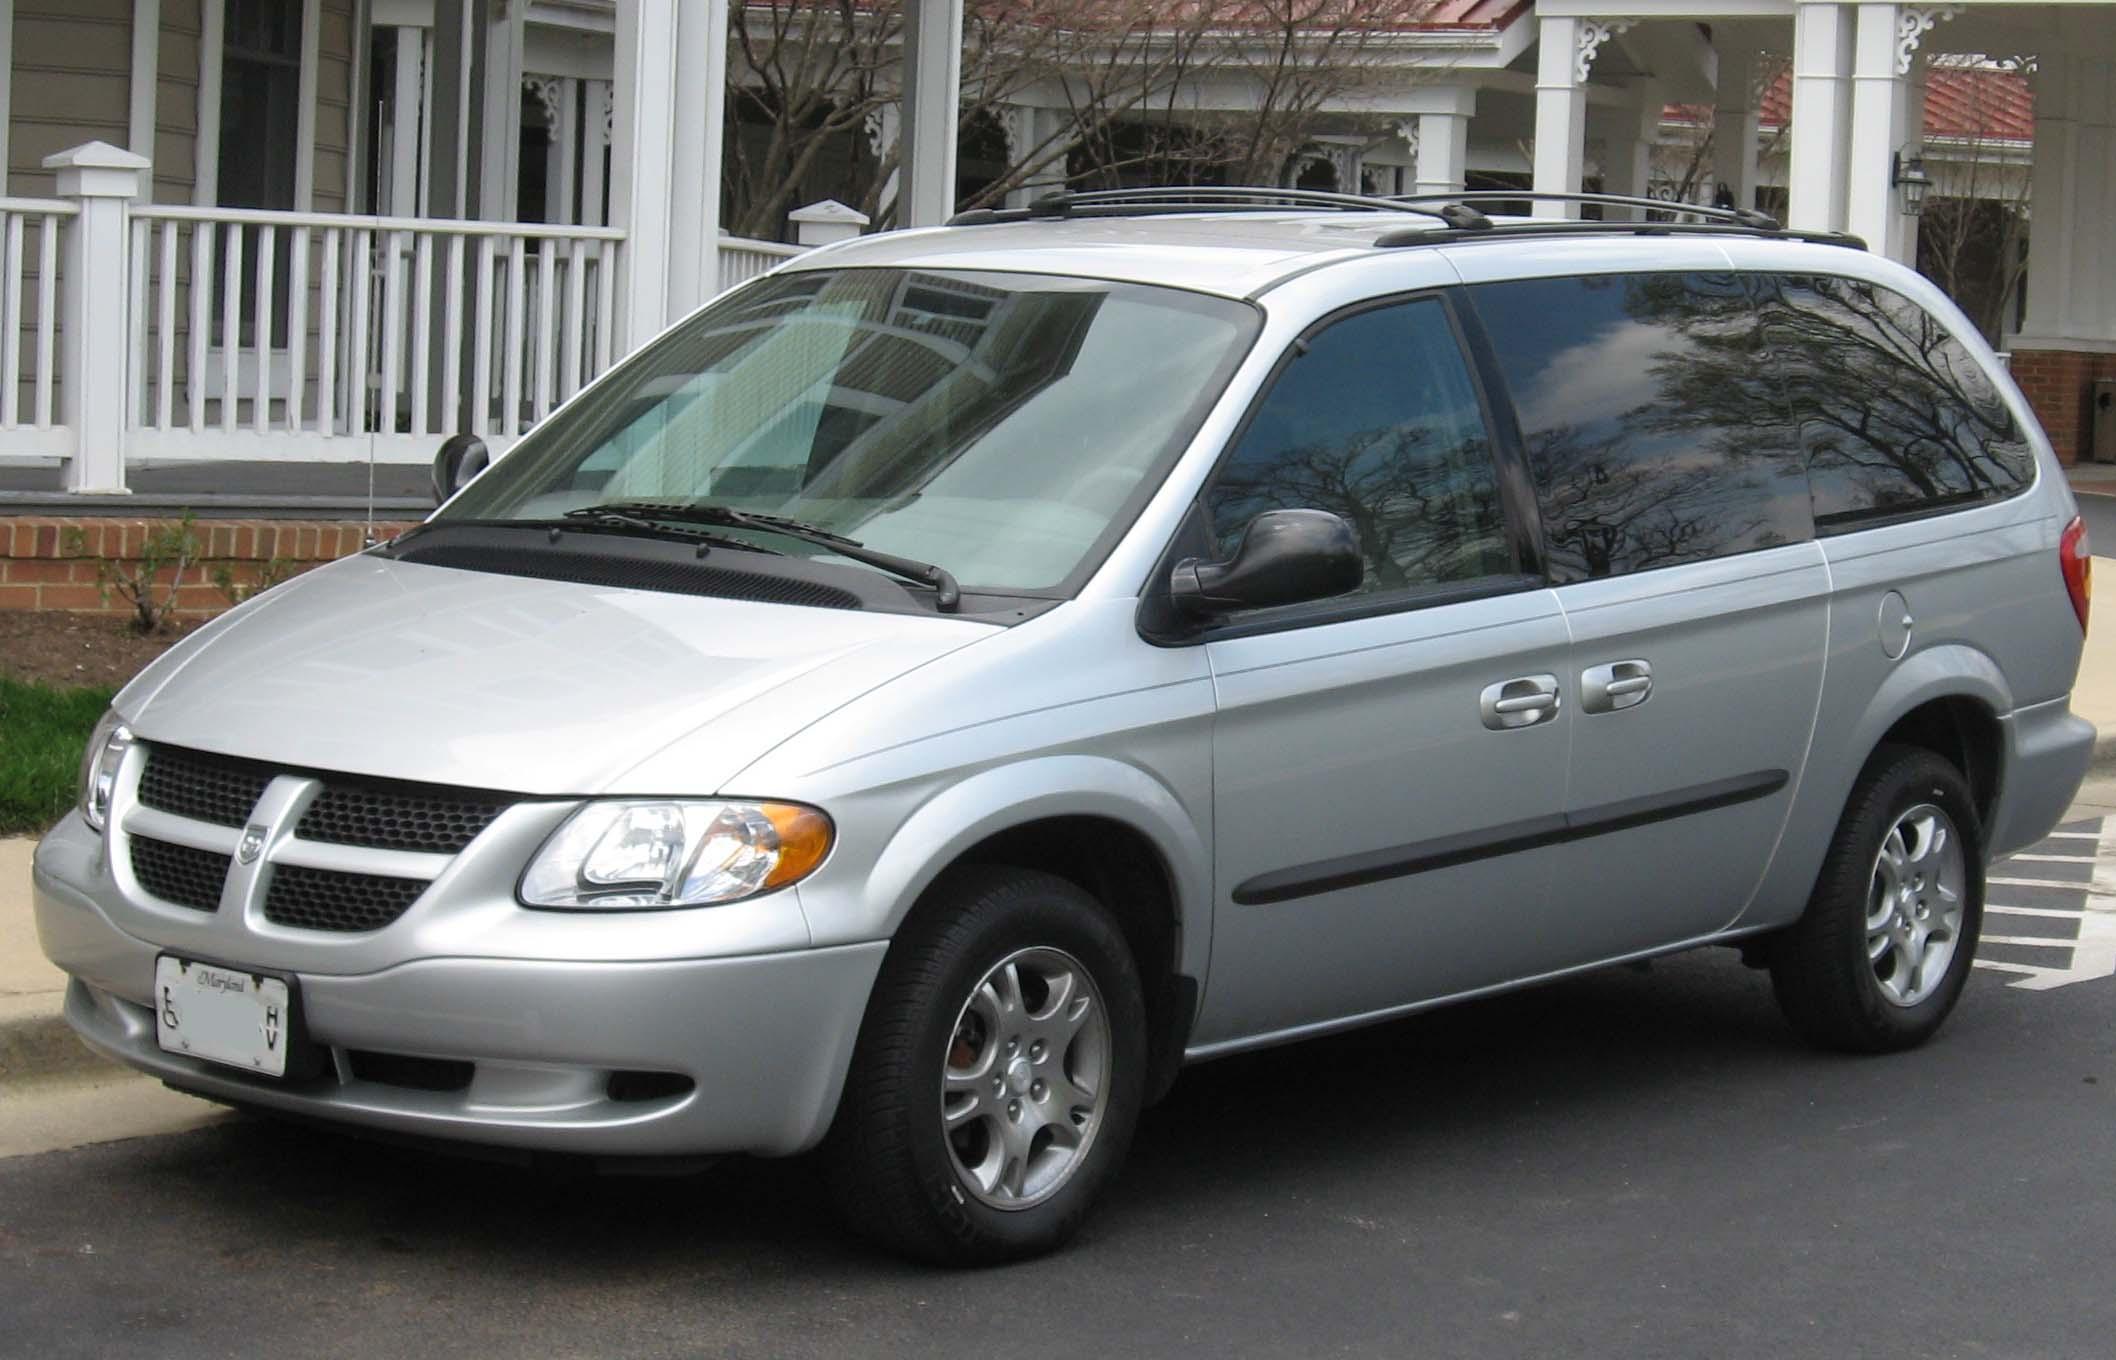 Dodge Caravan 2001 foto - 1